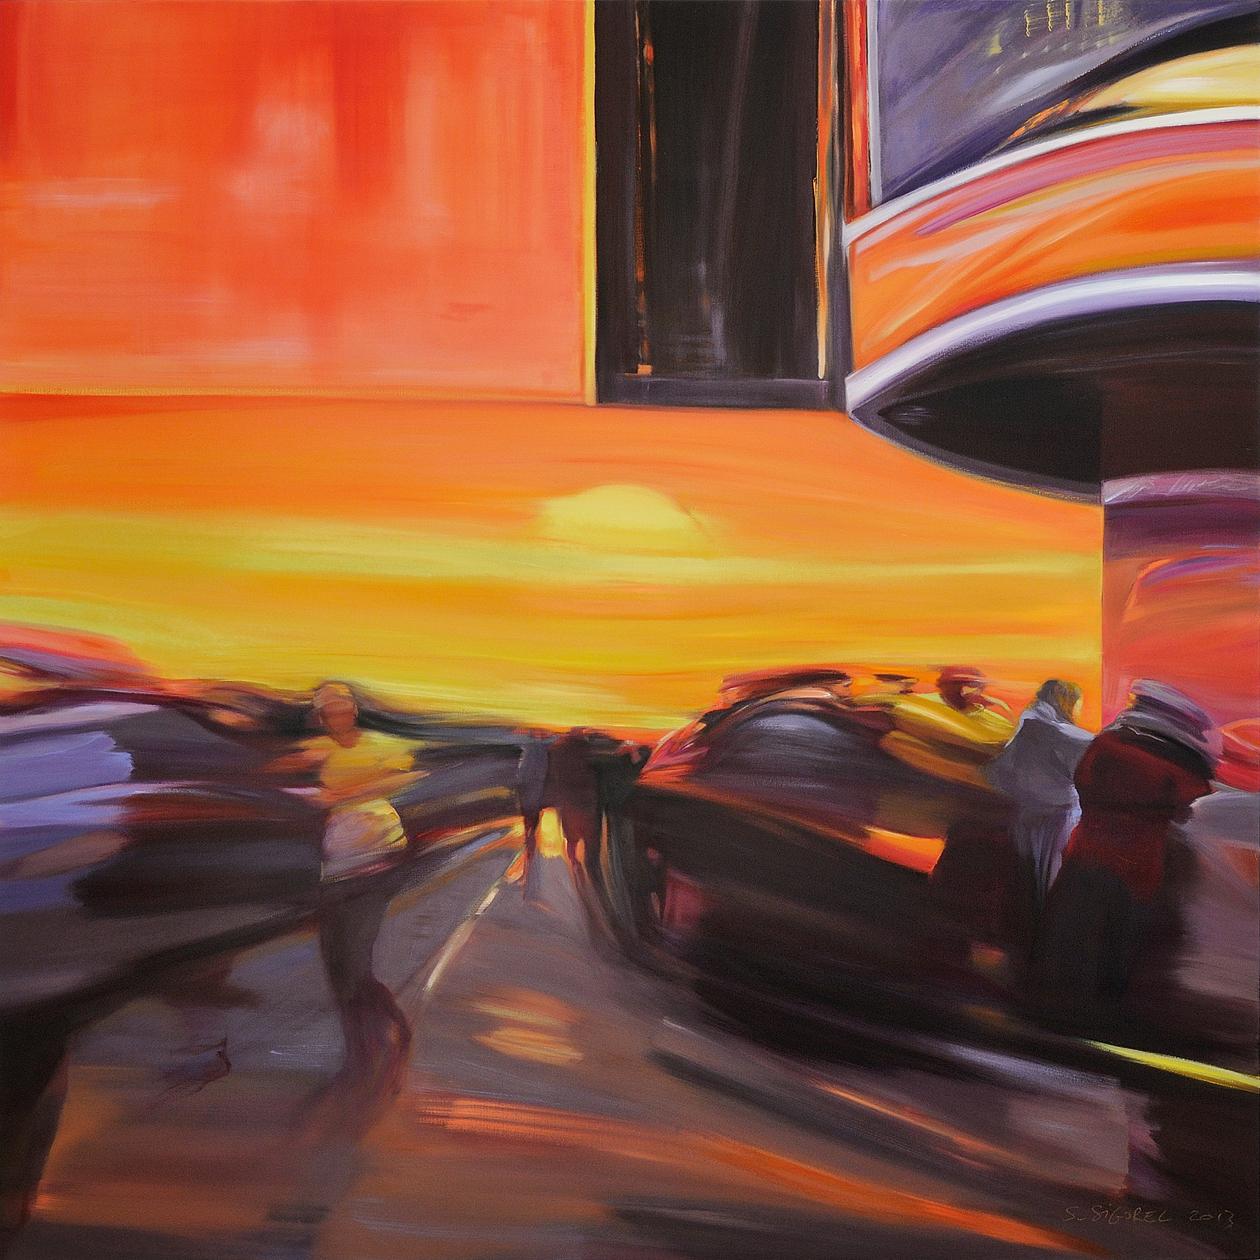 Unreal Sun (2013) huile sur toile, 160 x 160 cm -Collection Privée Prise de vue J-L PIETRI 100%PHOTO